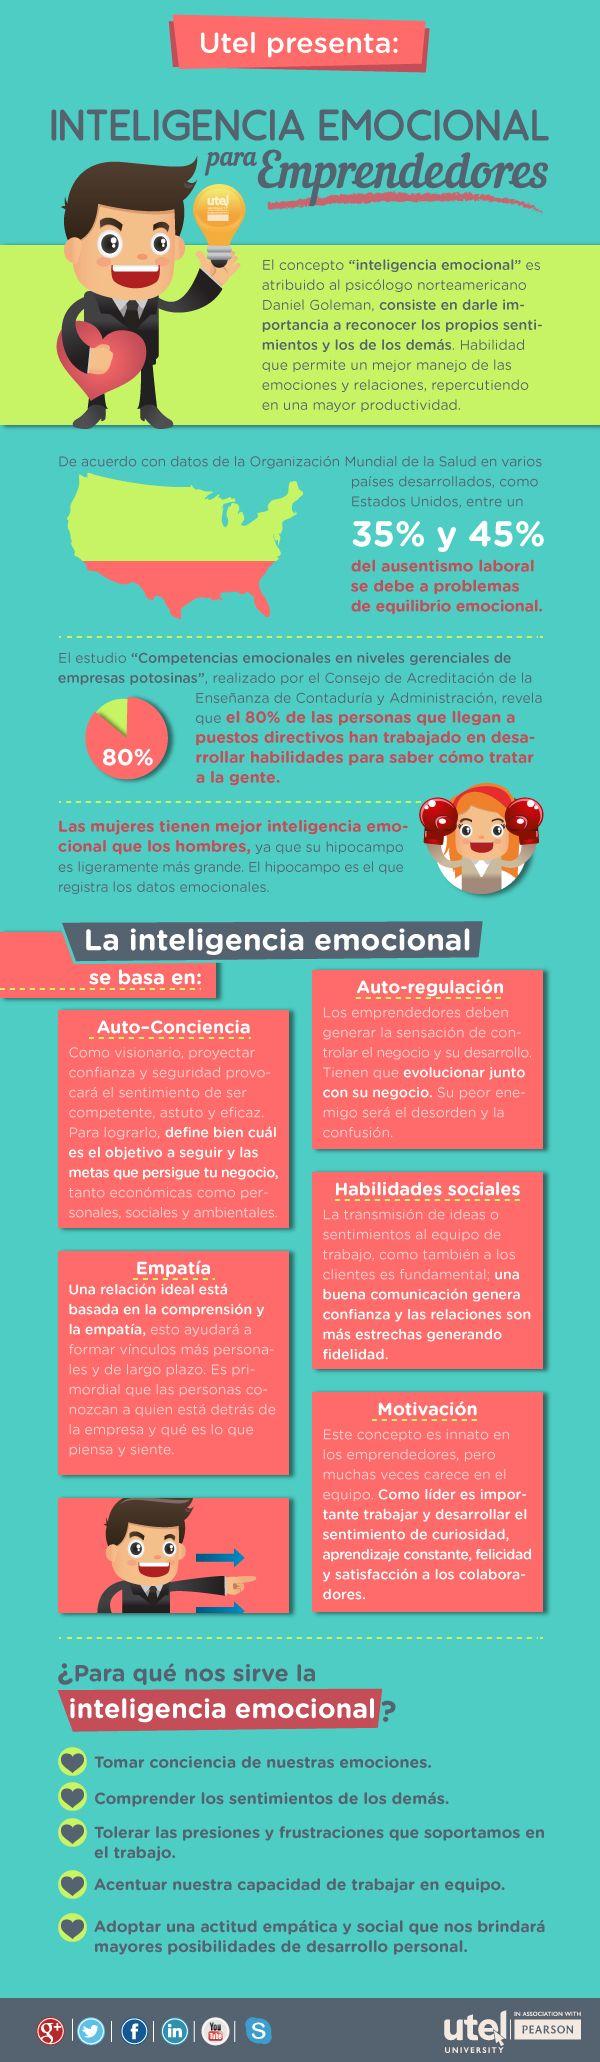 #Infografia #Curiosidades Inteligencia emocional para emprendedores. #TAVnews